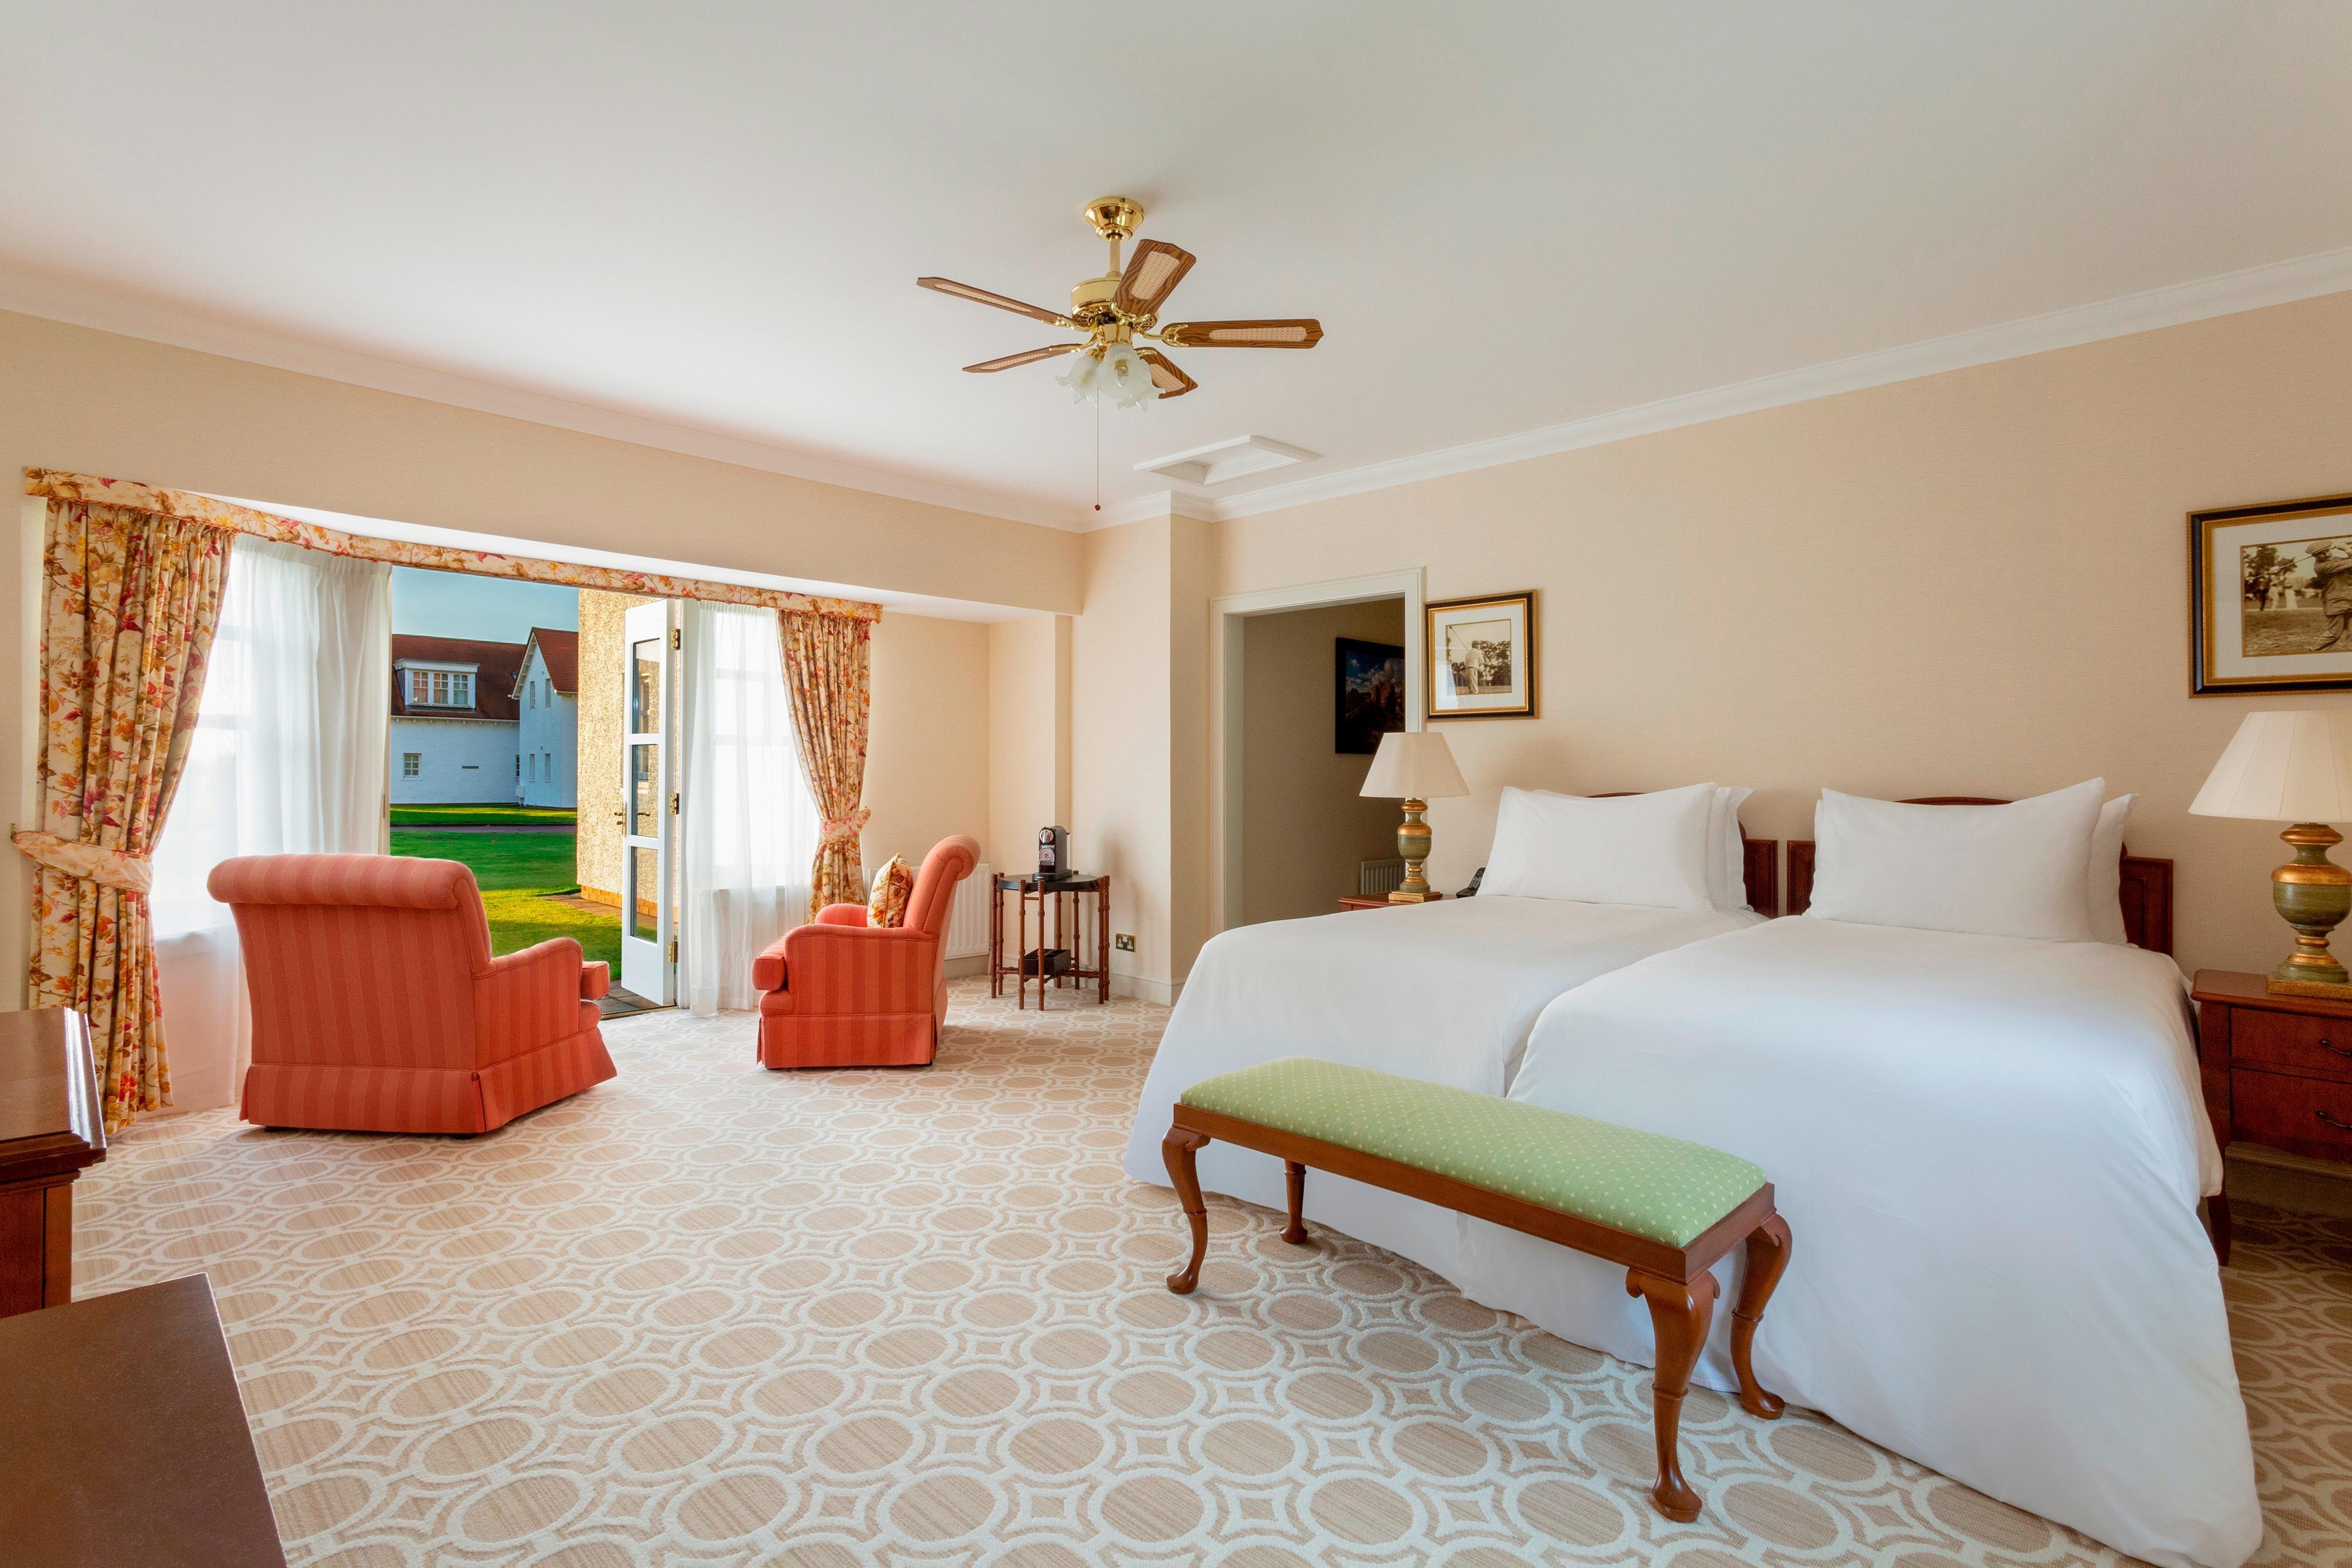 Camera Villa con due letti separati